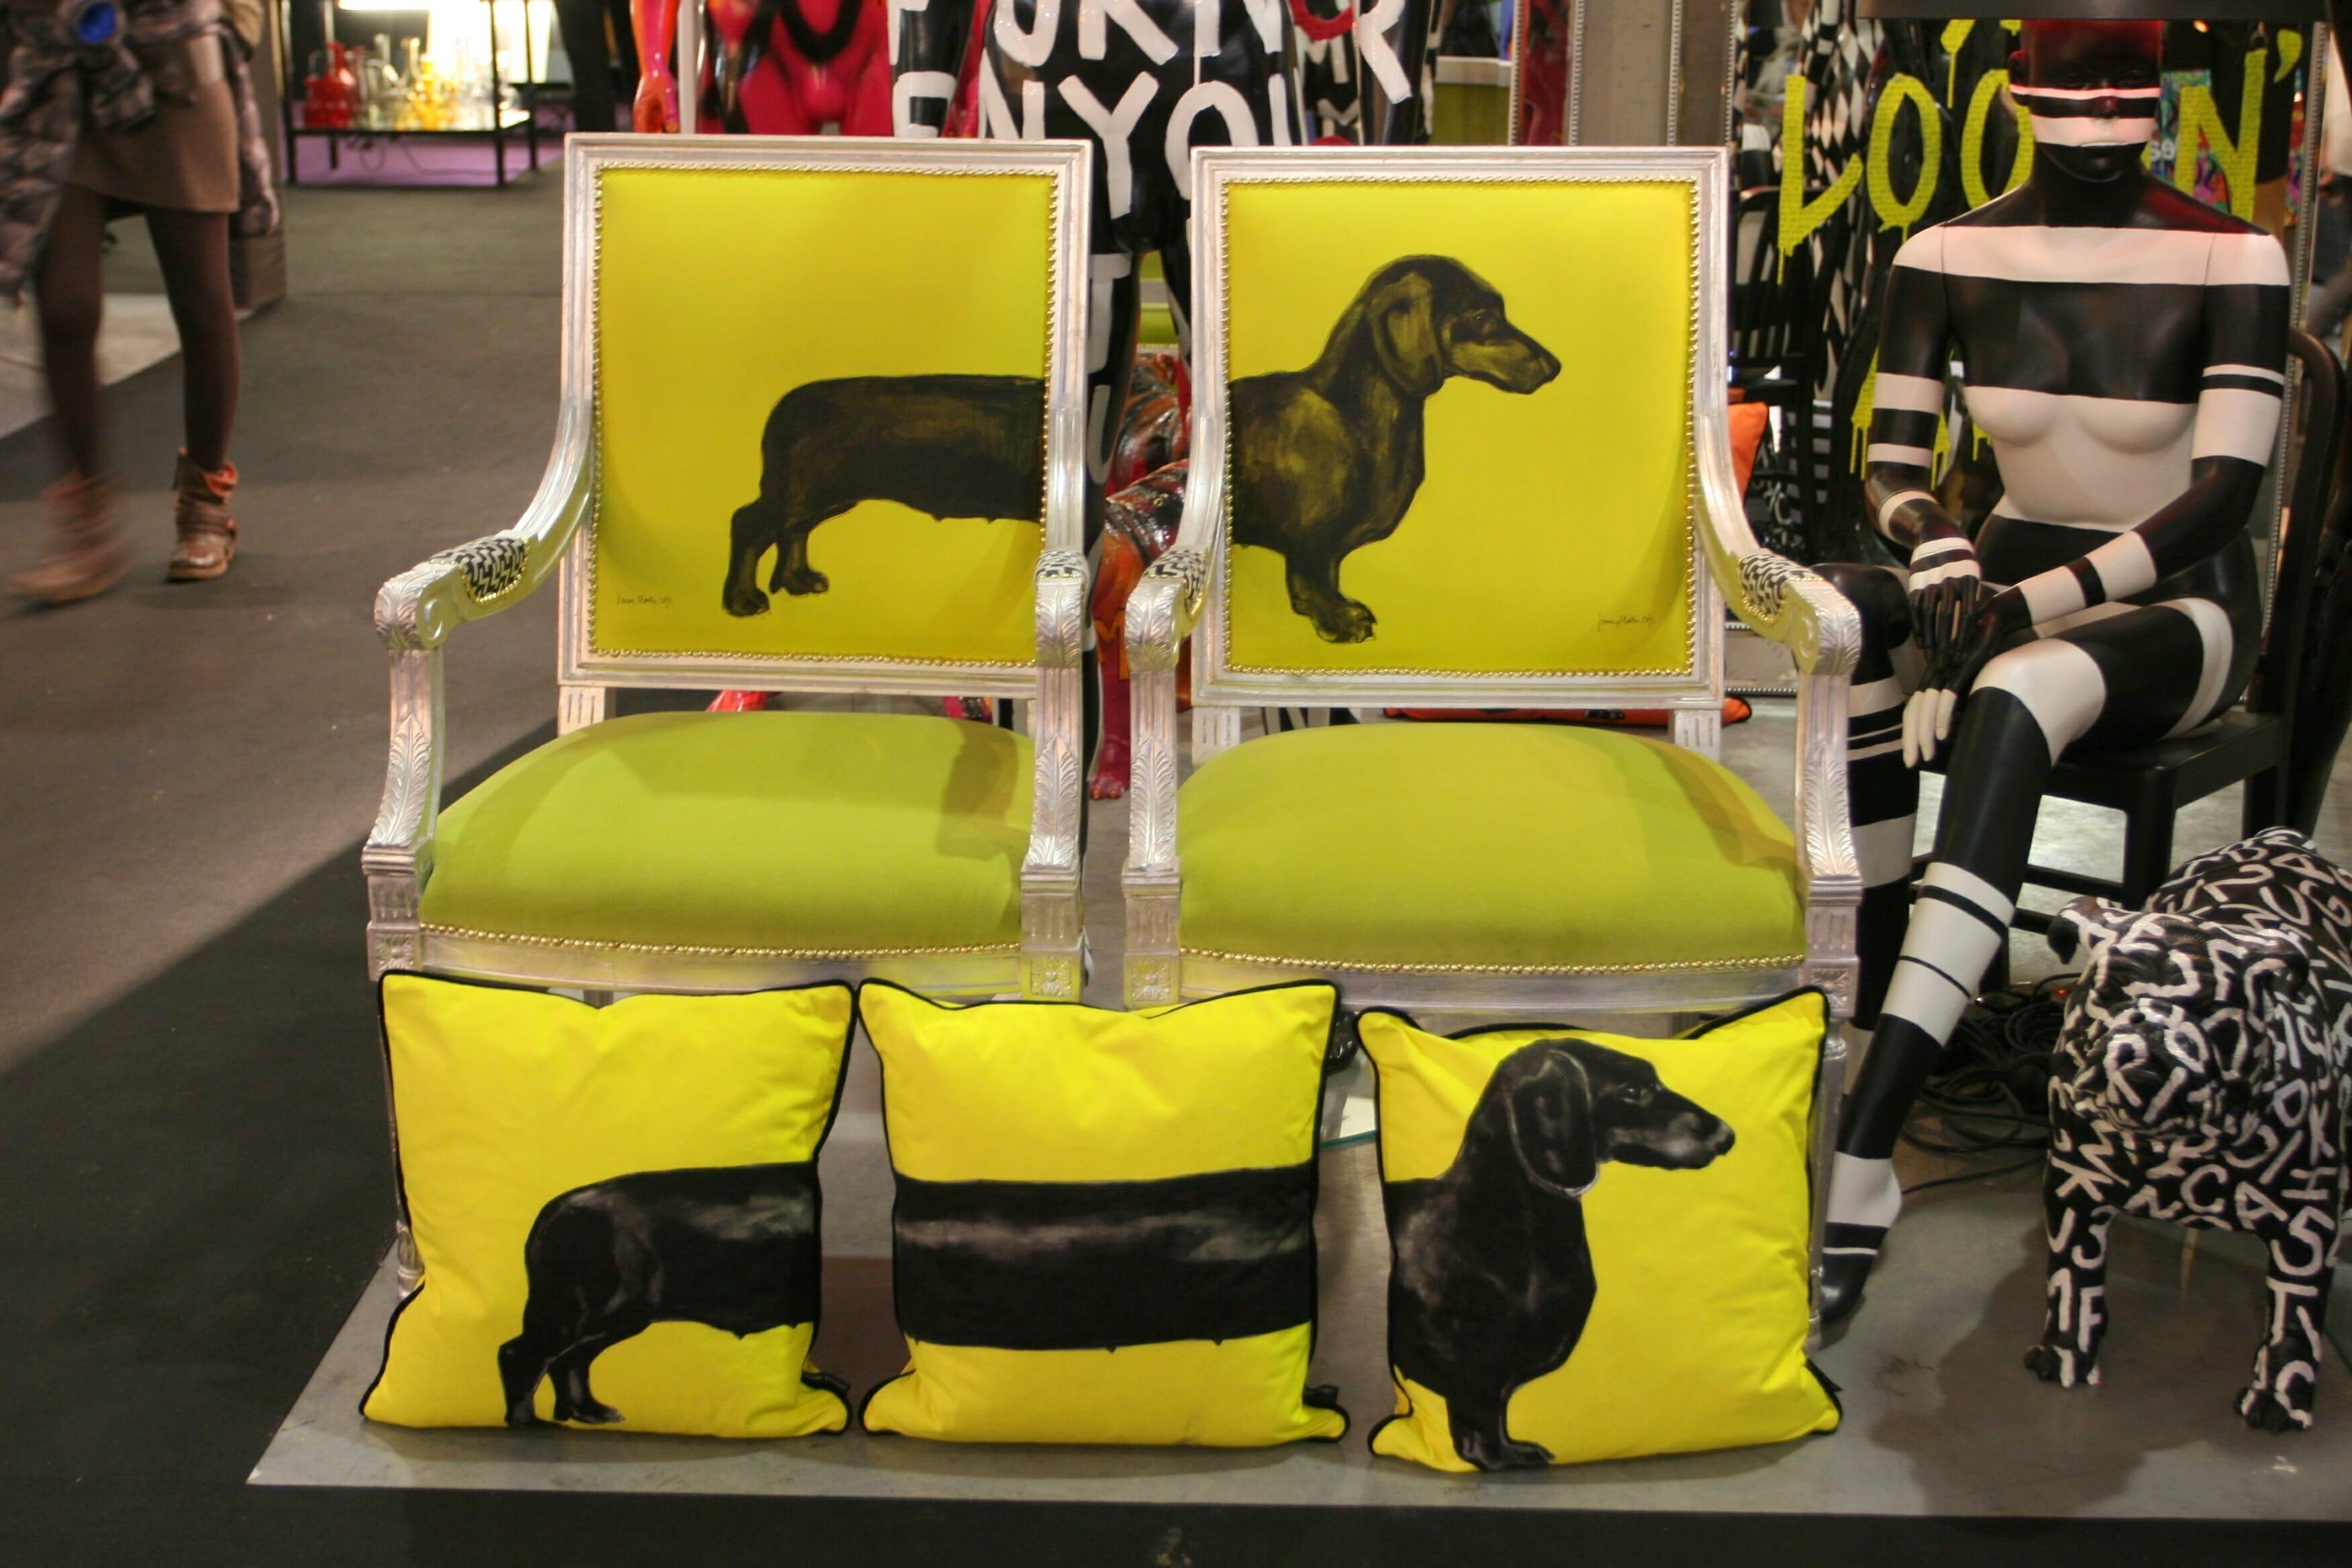 The best of designer trends at paris maison objet 2015 - Maison objet paris 2015 ...